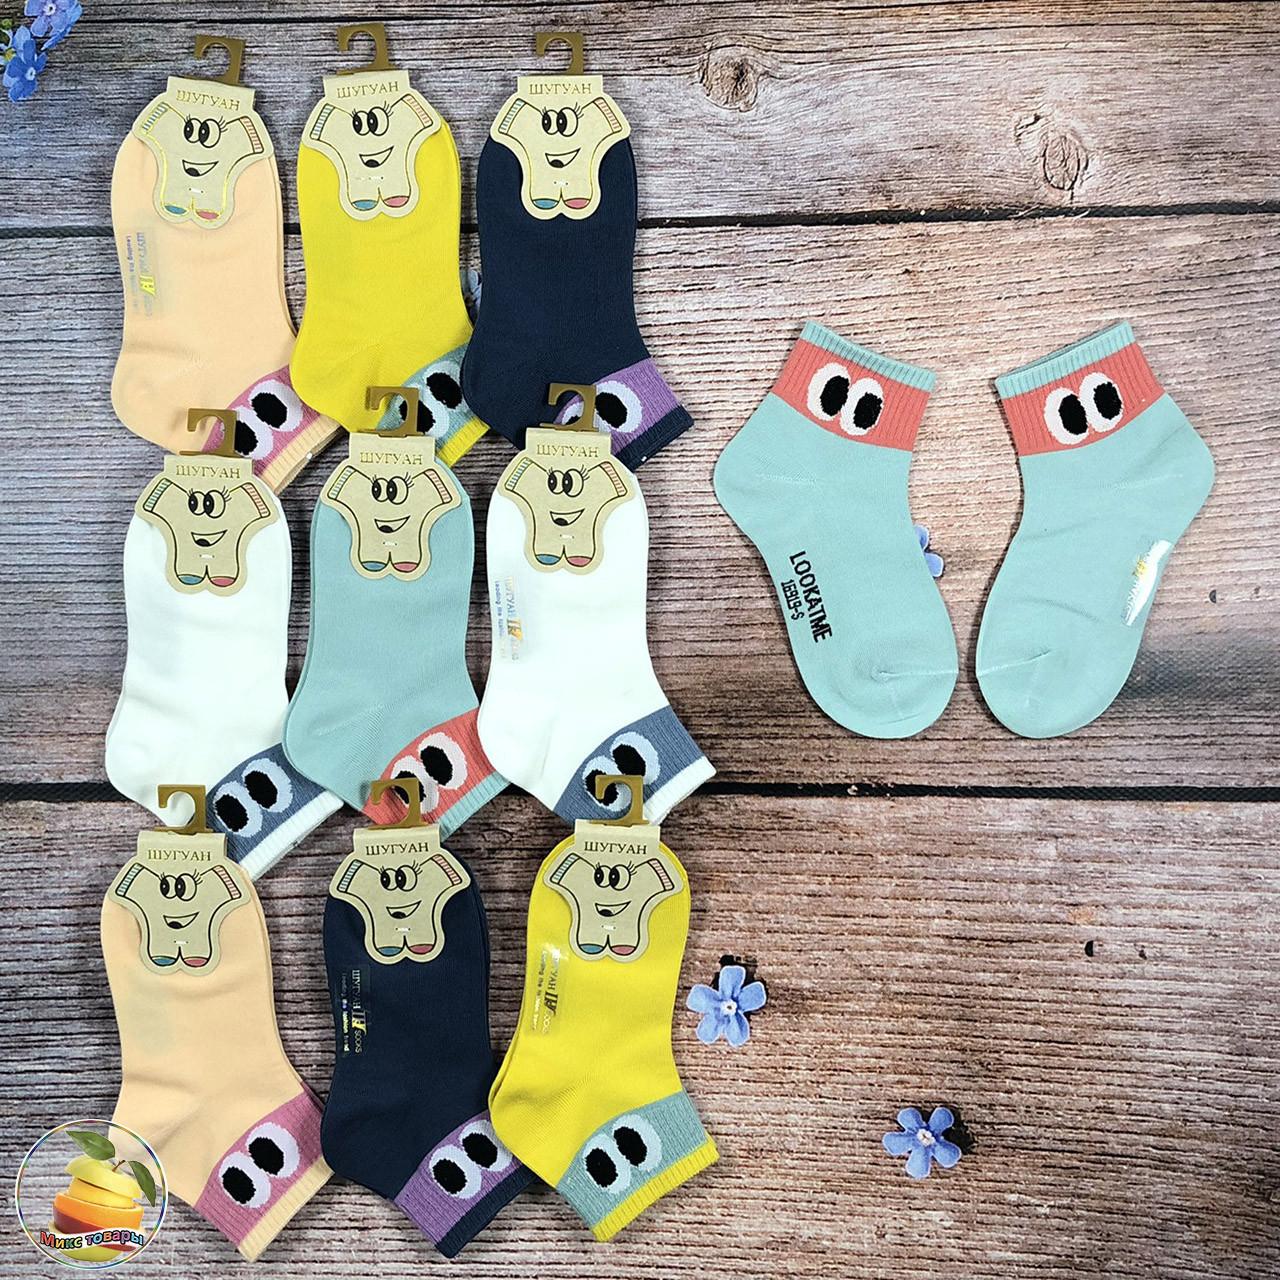 """Детские носочки """"Шугуан"""" Размер: 1- 3 года (20772-1)"""